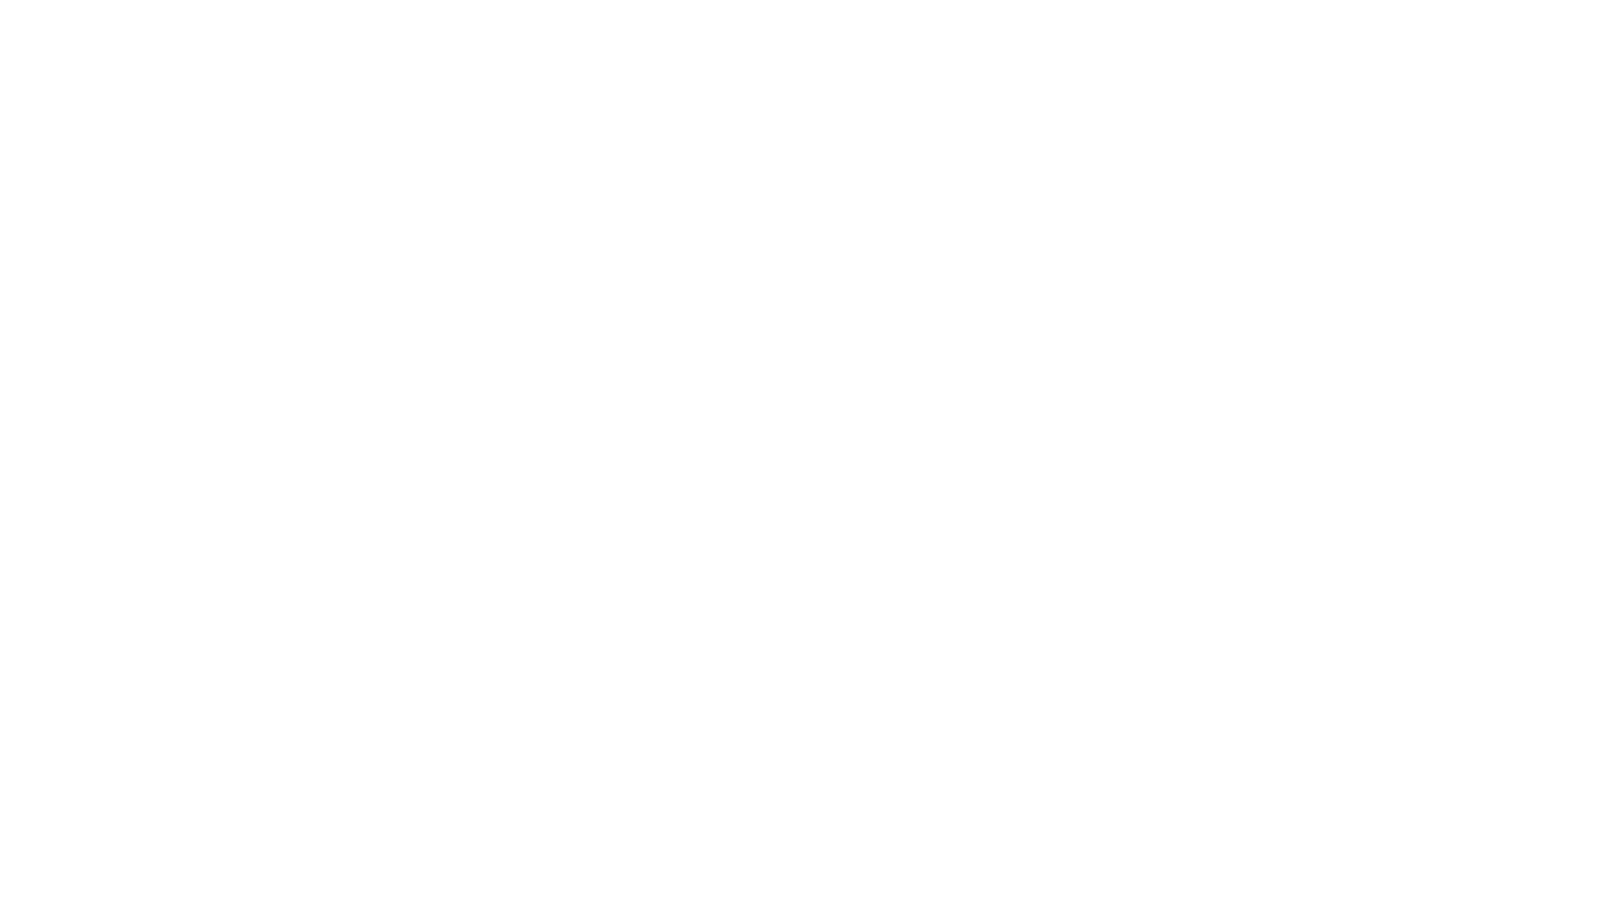 """El presidente brasileño habló con un argentino en las puertas del Palácio do Planalto quien le aseguró que """"el pueblo argentino está desesperado"""".  Para más información visita derechadiario.com.ar  REDES DE LA DERECHA DIARIO.  Twitter: https://twitter.com/laderechadiario  Instagram: https://www.instagram.com/laderechadiario  Facebook: https://www.facebook.com/laderechadiario  Telegram: https://t.me/DifusionLaDerechaDiario  PÁGINA WEB: https://derechadiario.com.ar  DONA: https://derechadiario.com.ar/donar"""